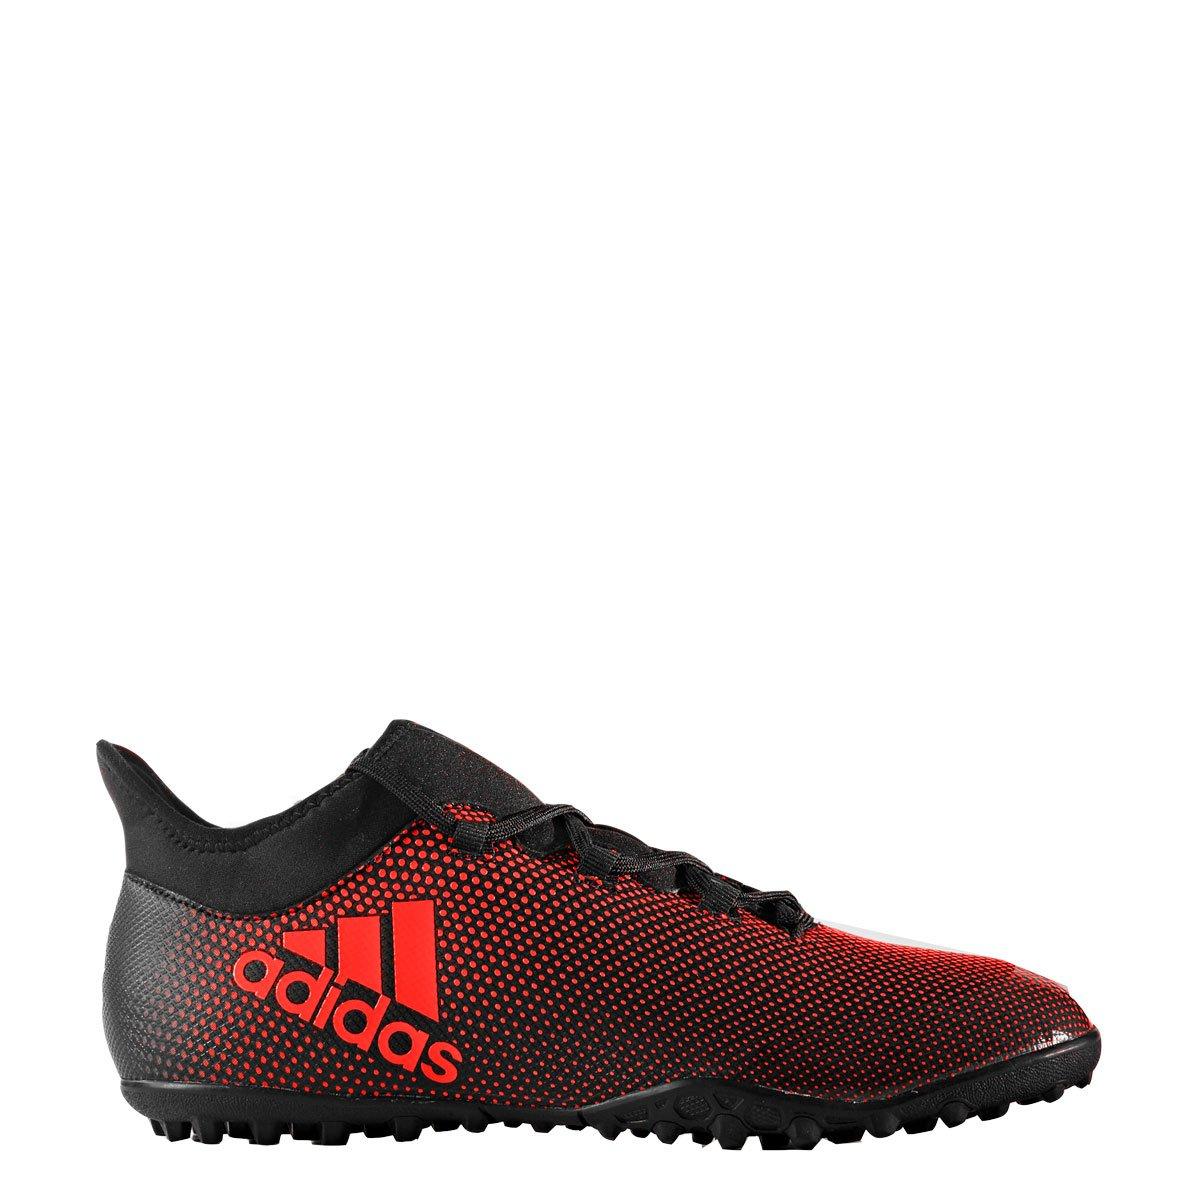 e7f2428f1c Bizz Store - Chuteira Masculina Society Adidas Tango X 17.3